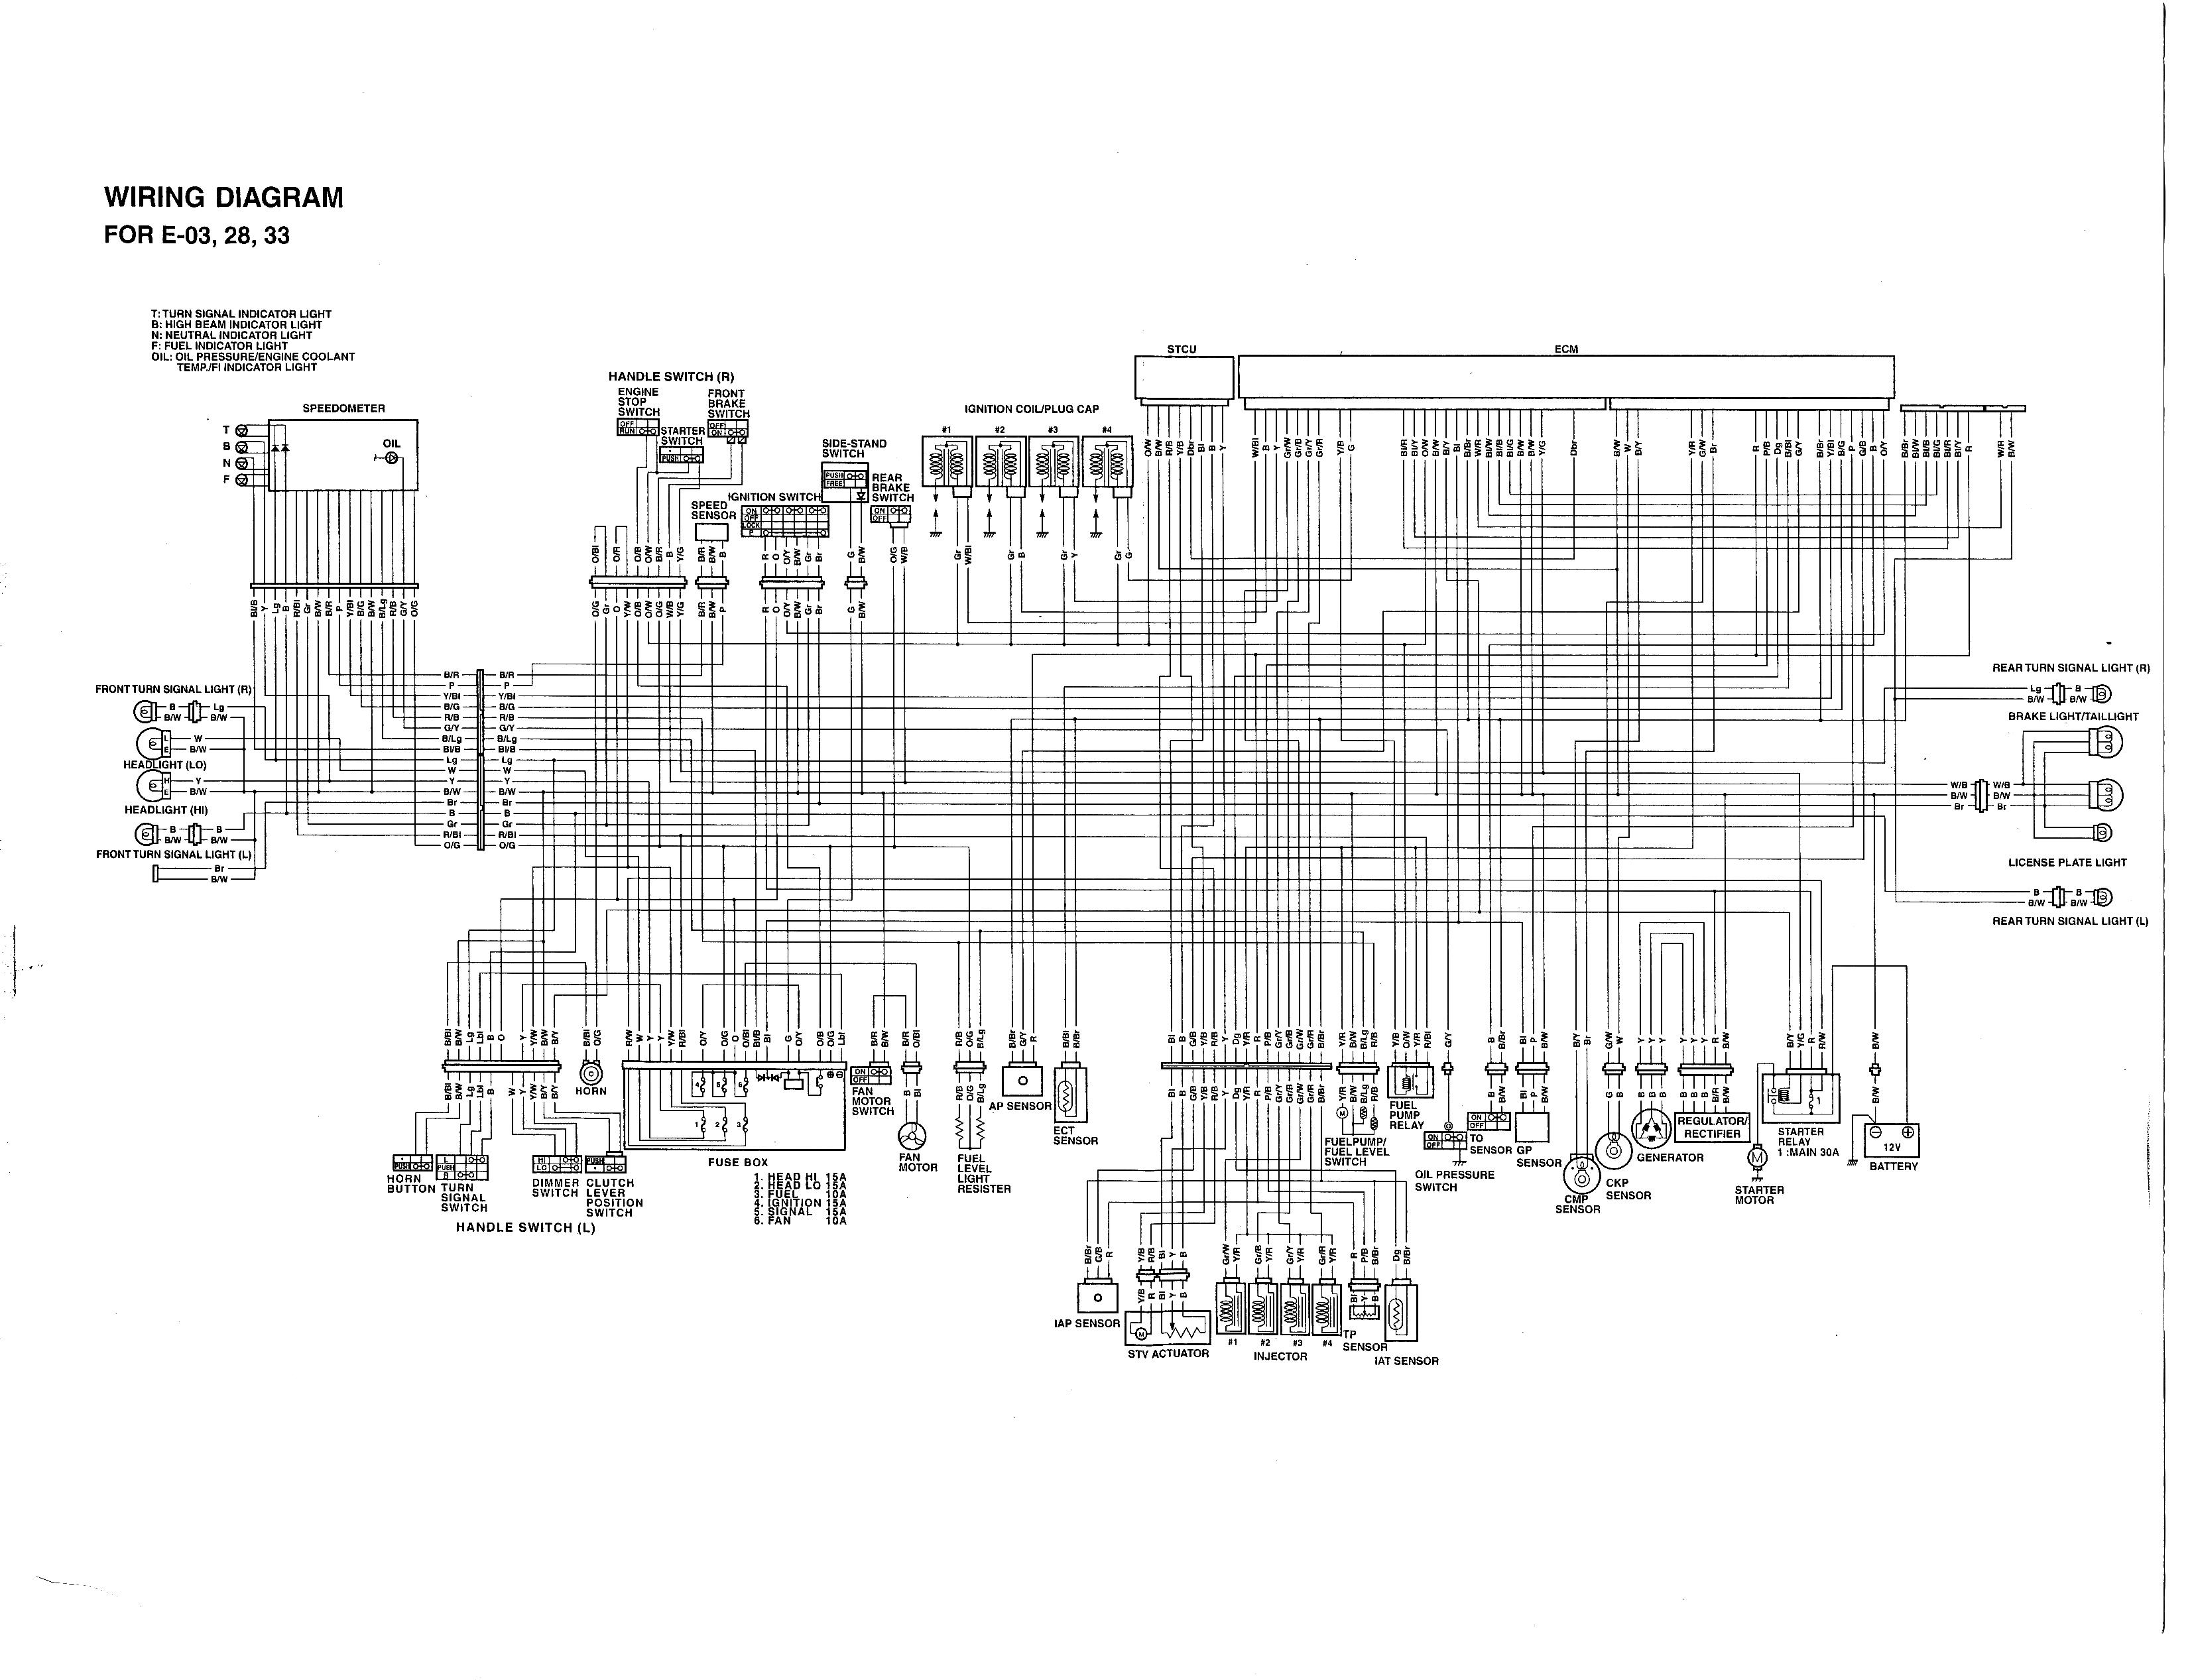 2006 Gsxr 600 Ignition Wiring Diagram Wiring Diagram \u2022 Hayabusa Wiring  Diagram 1993 Gsxr 600 Starter Wiring Diagram